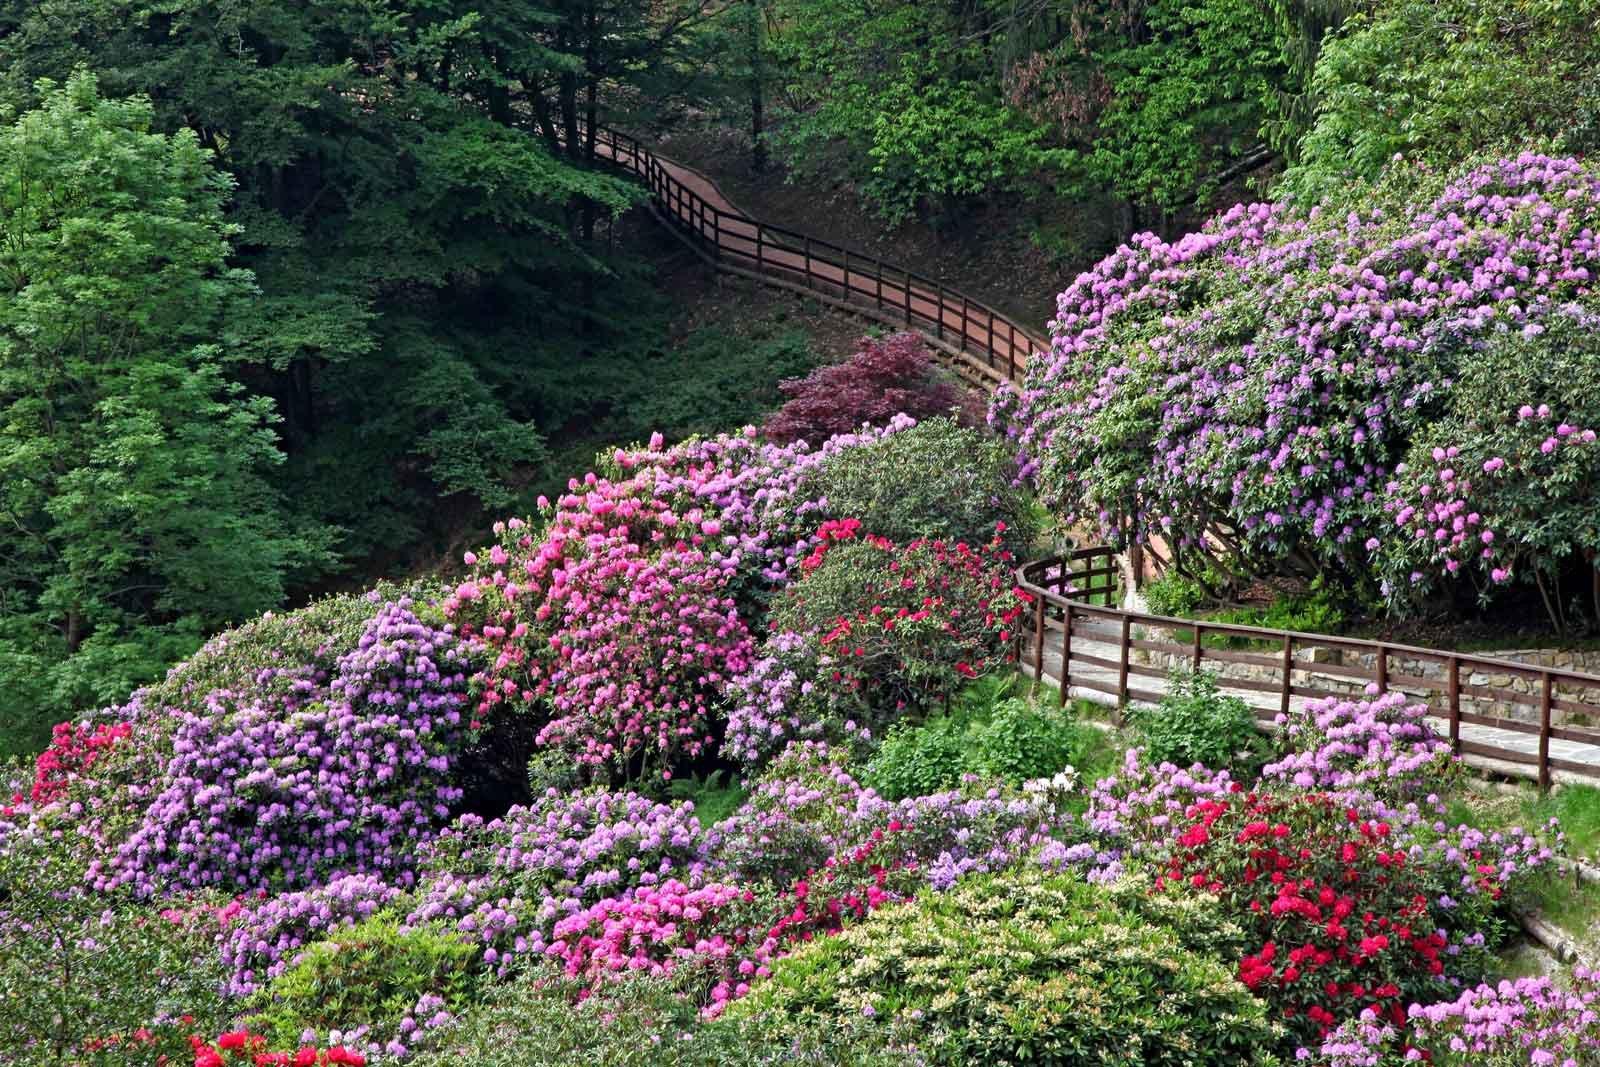 In edicola dal 23 marzo casa in fiore di aprile cose di casa - Giardini particolari ...